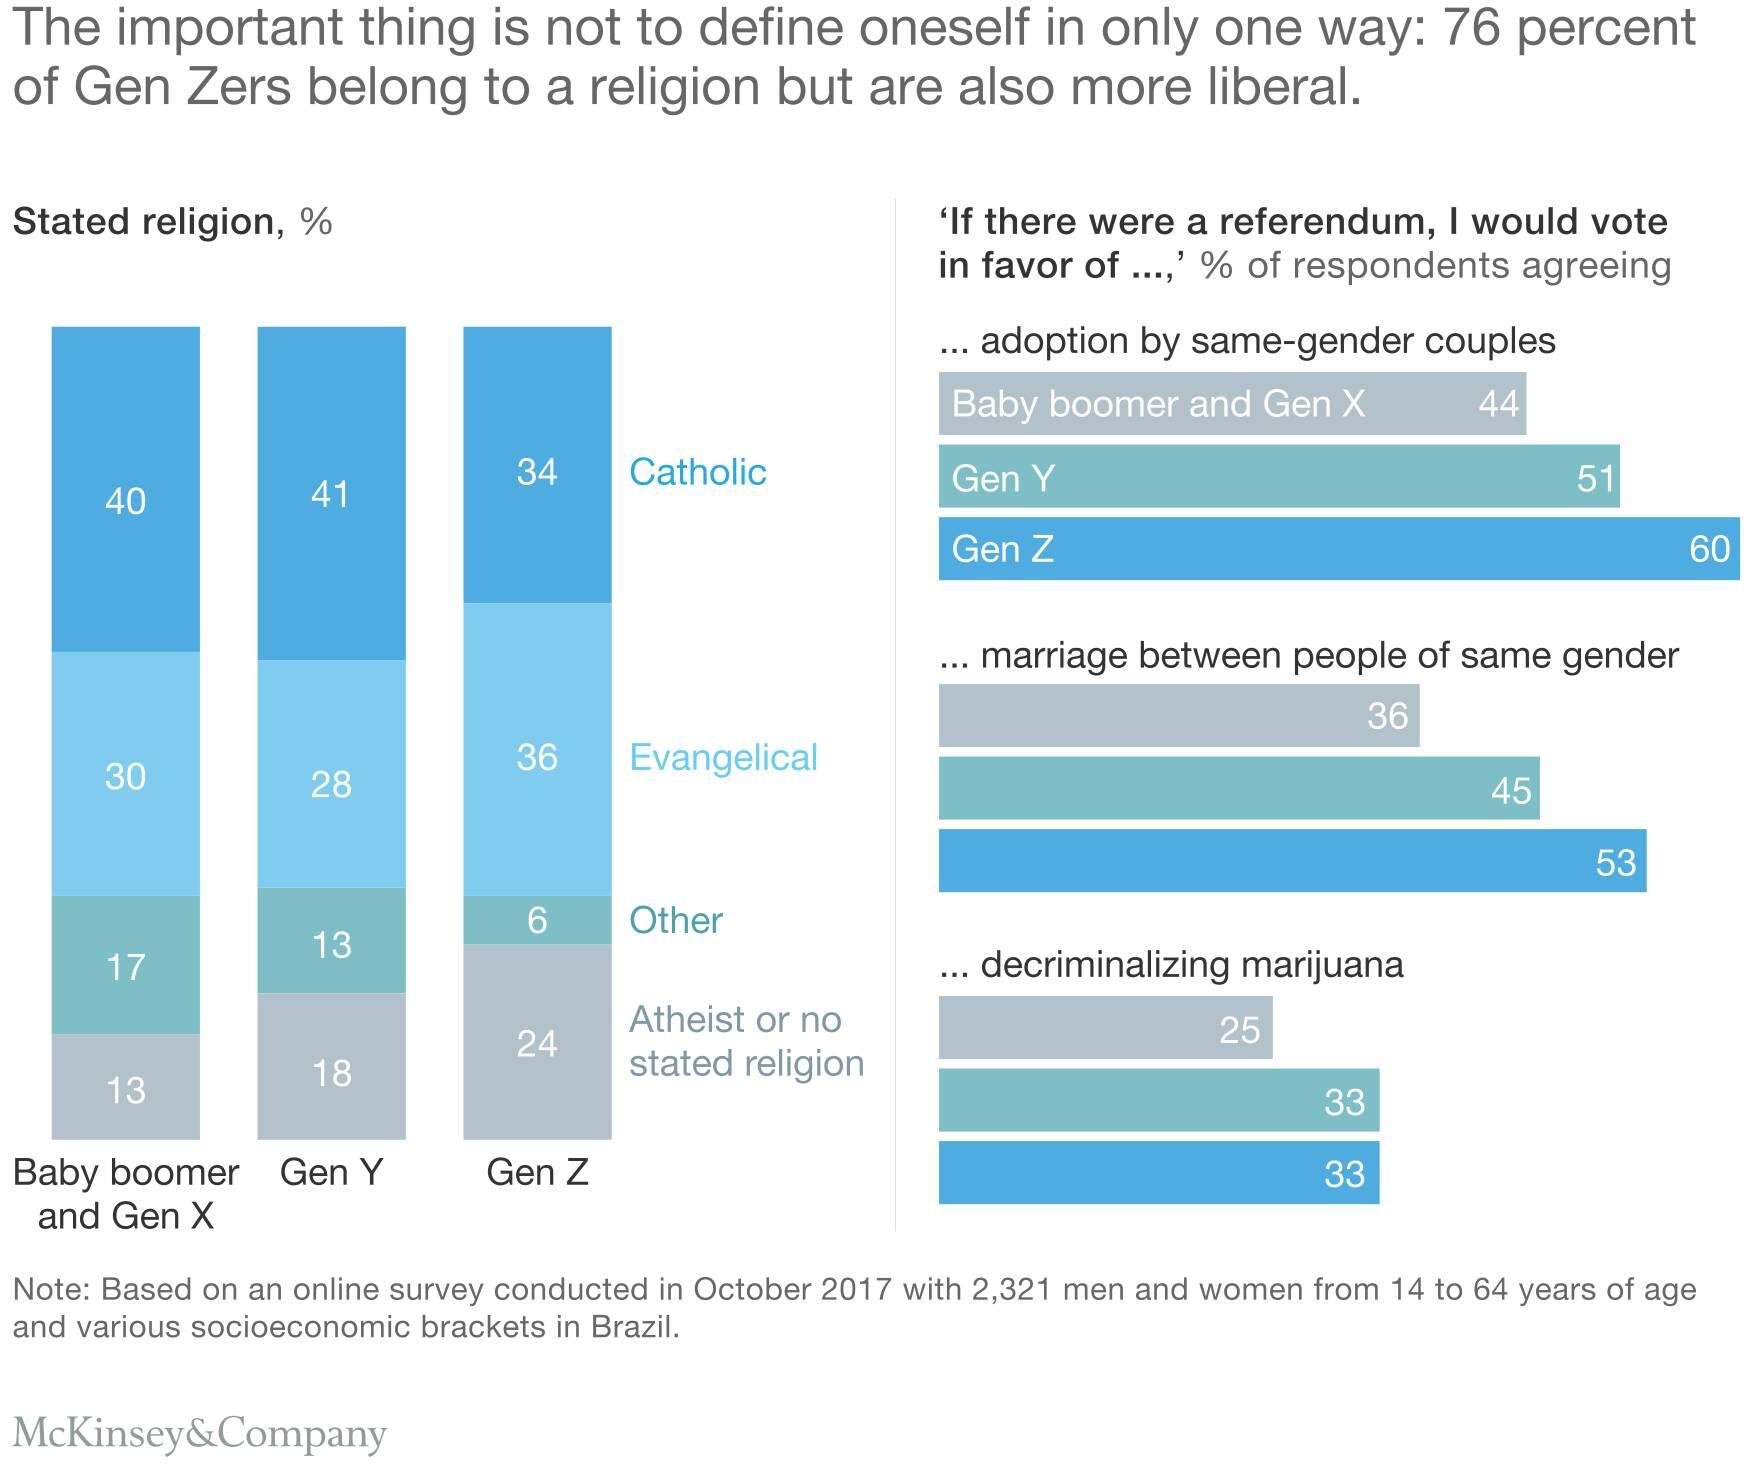 شکل 3. دغدغۀ نسل زد آن نیست که خود را برمبنای یک روش کلیشه ای و ثابت تعریف کنند: 76 درصد از اعضای نسل زد به یک مذهب گرایش دارند؛ اما در عین حال، آزادی خواه نیز هستند.